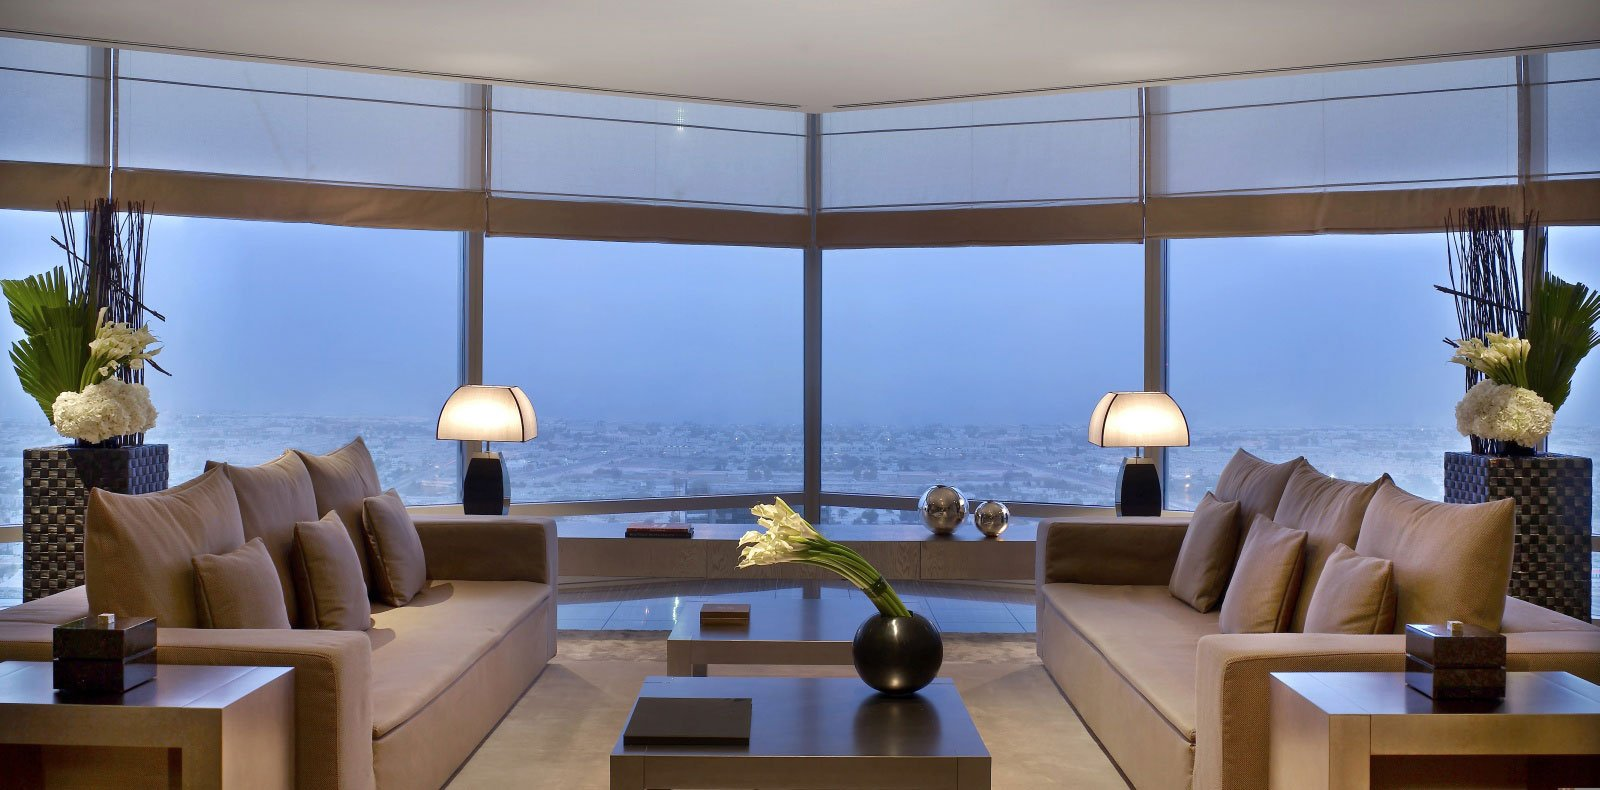 Armani-Hotel-Dubai-26